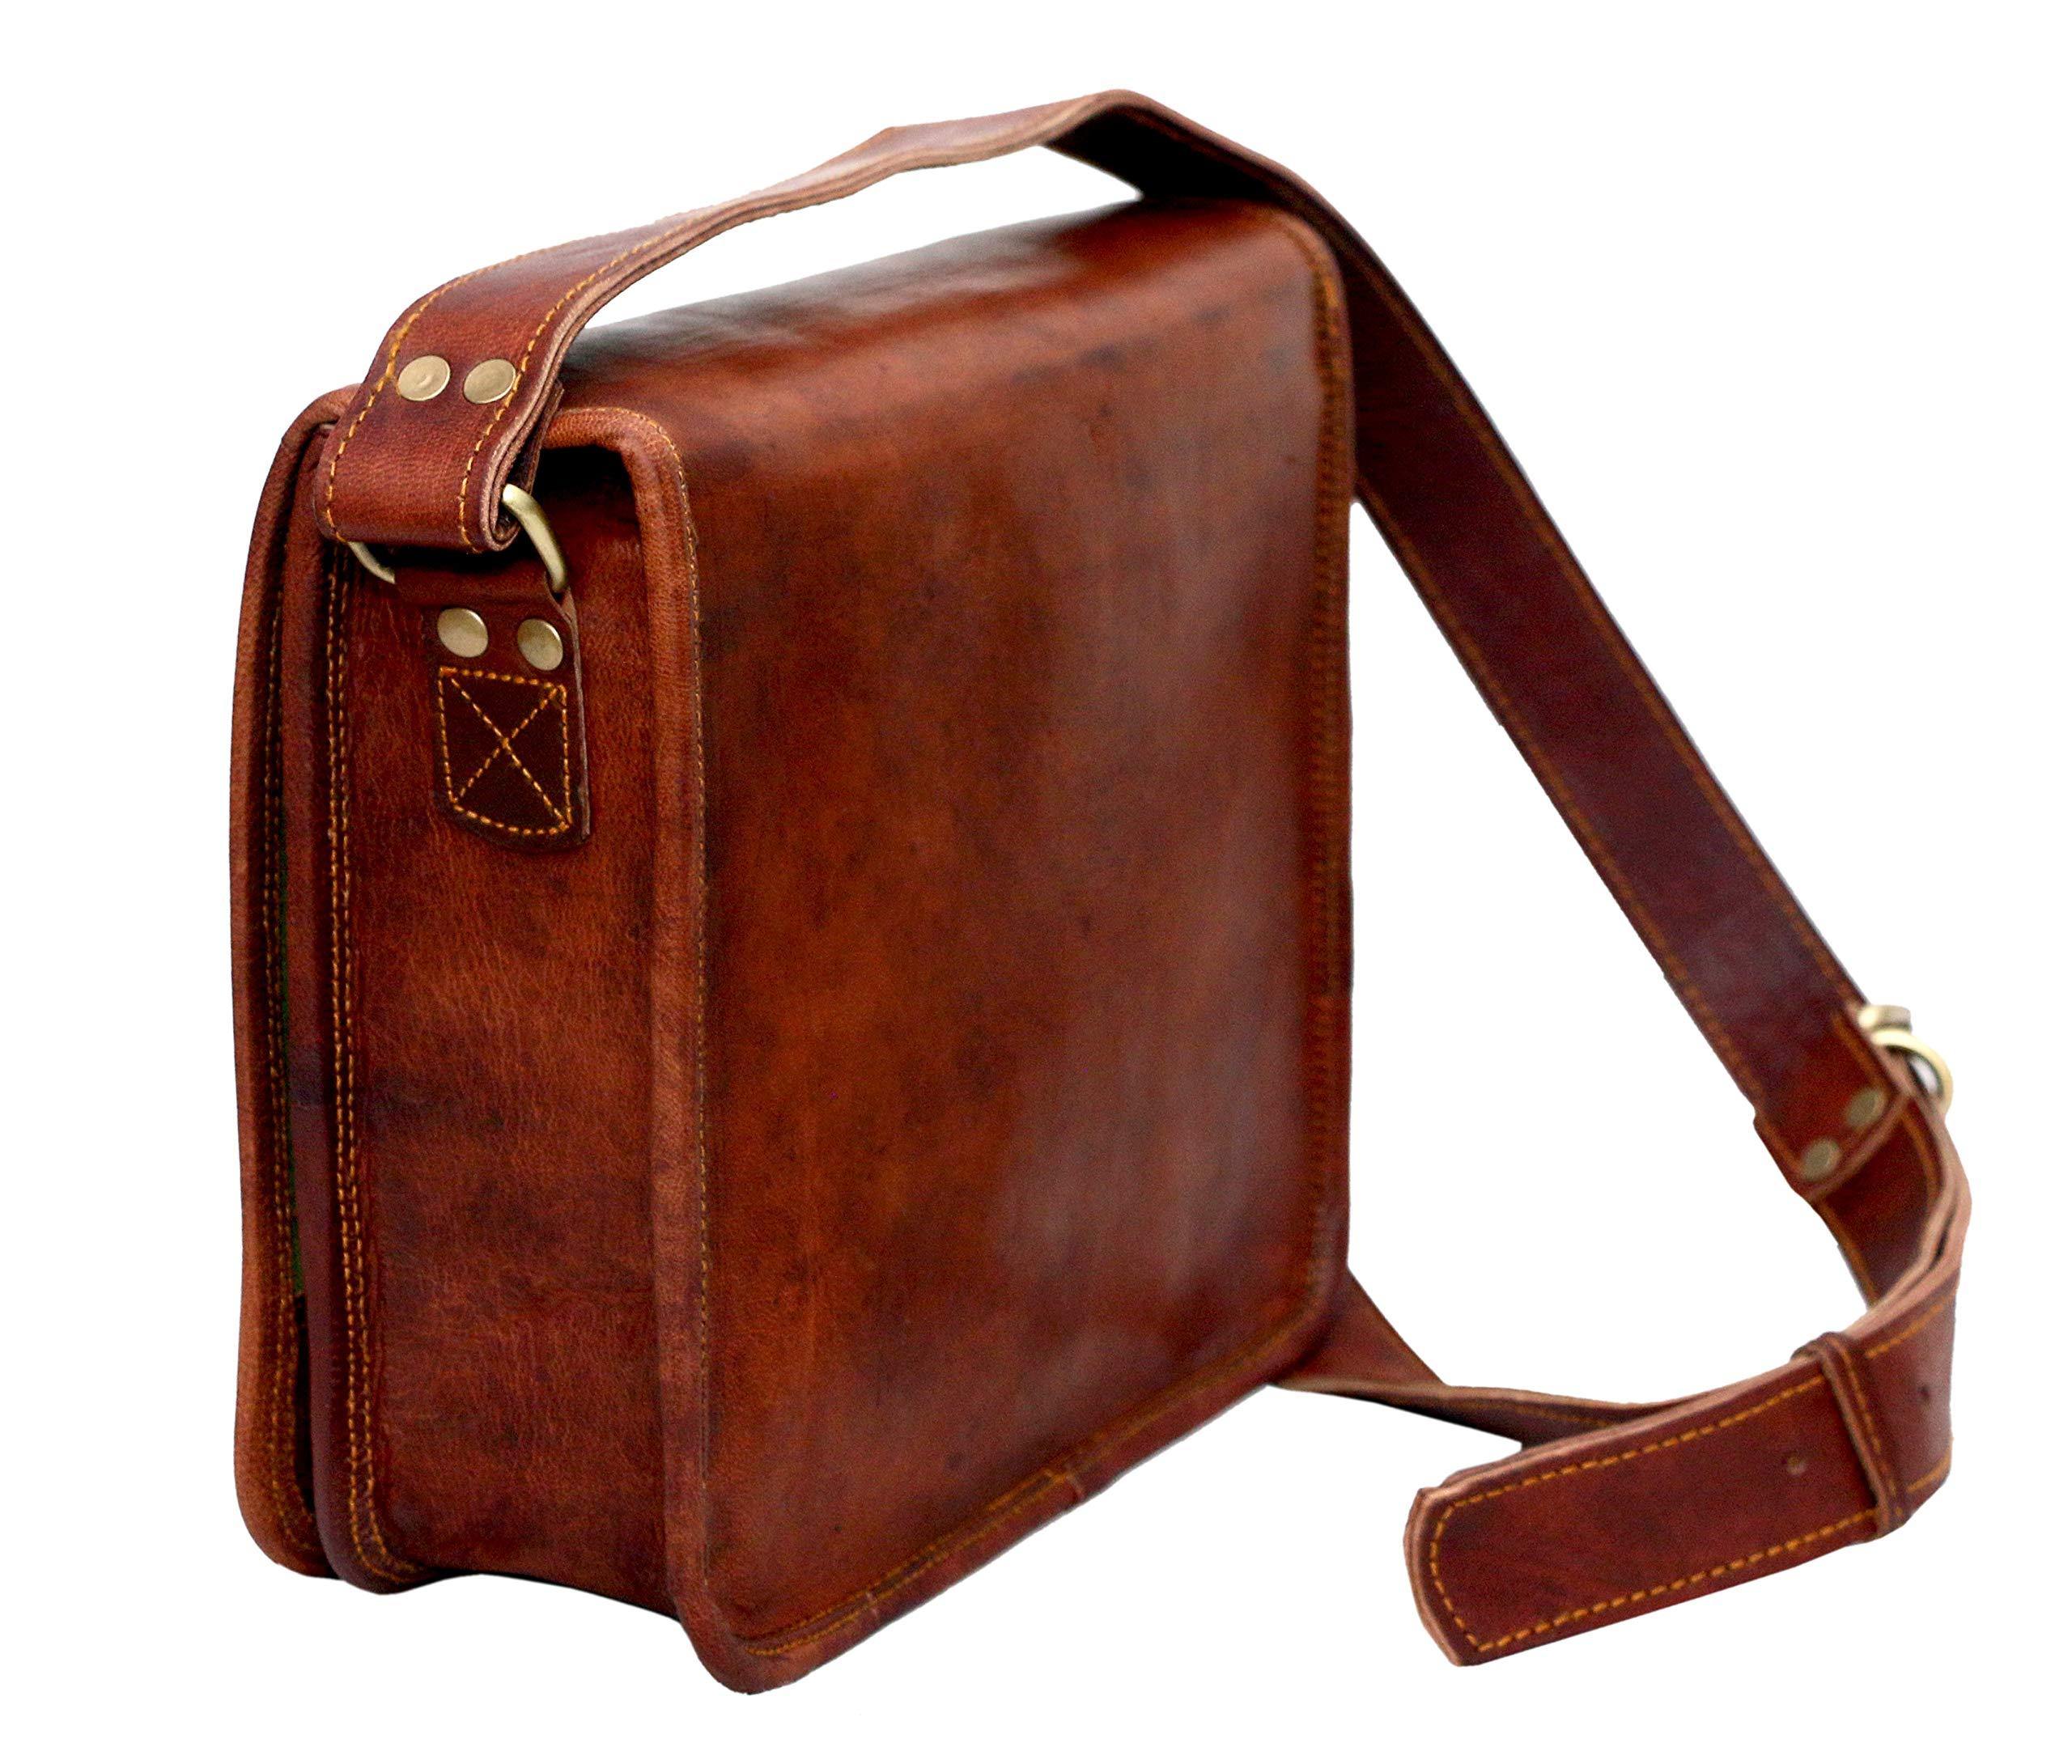 Leather bag Fair Deal / Full flap bag / laptop bag / best computer shoulder briefcase /  Handmade leather bag messenger bag for I pad / brown bag  by Fair Deal (Image #5)